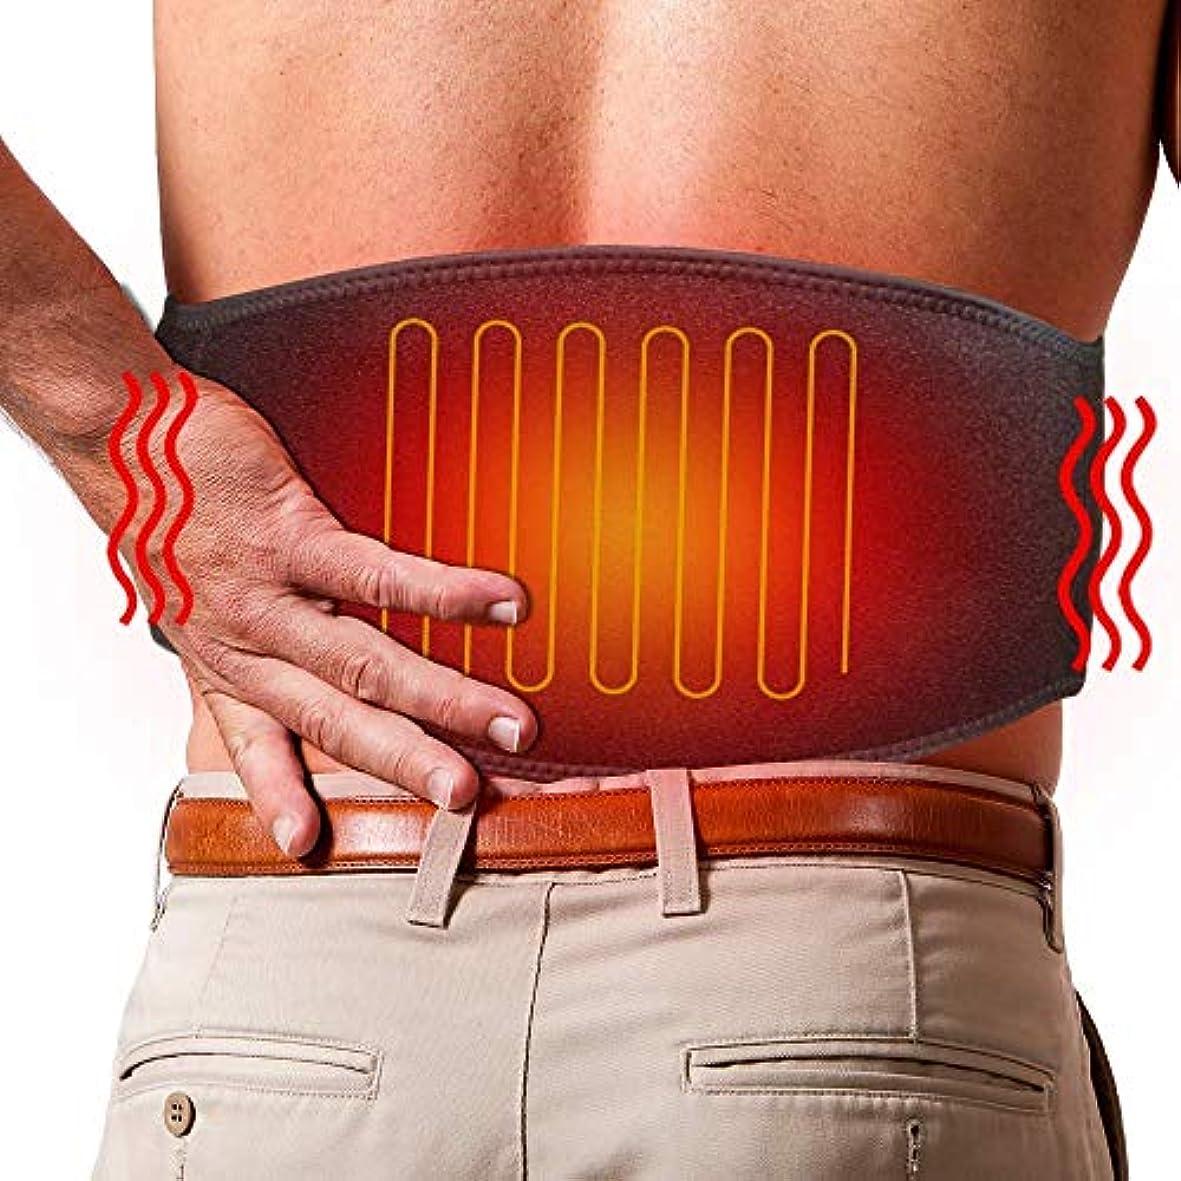 ARRIS 腰用温熱ベルト 腰サポーター 電熱暖かいホットウエスト腹巻き 冷え性対策 お腹温めるベルト 5段階温度調整 男女兼用 腰痛緩和 防寒 7.4Vバッテリー付